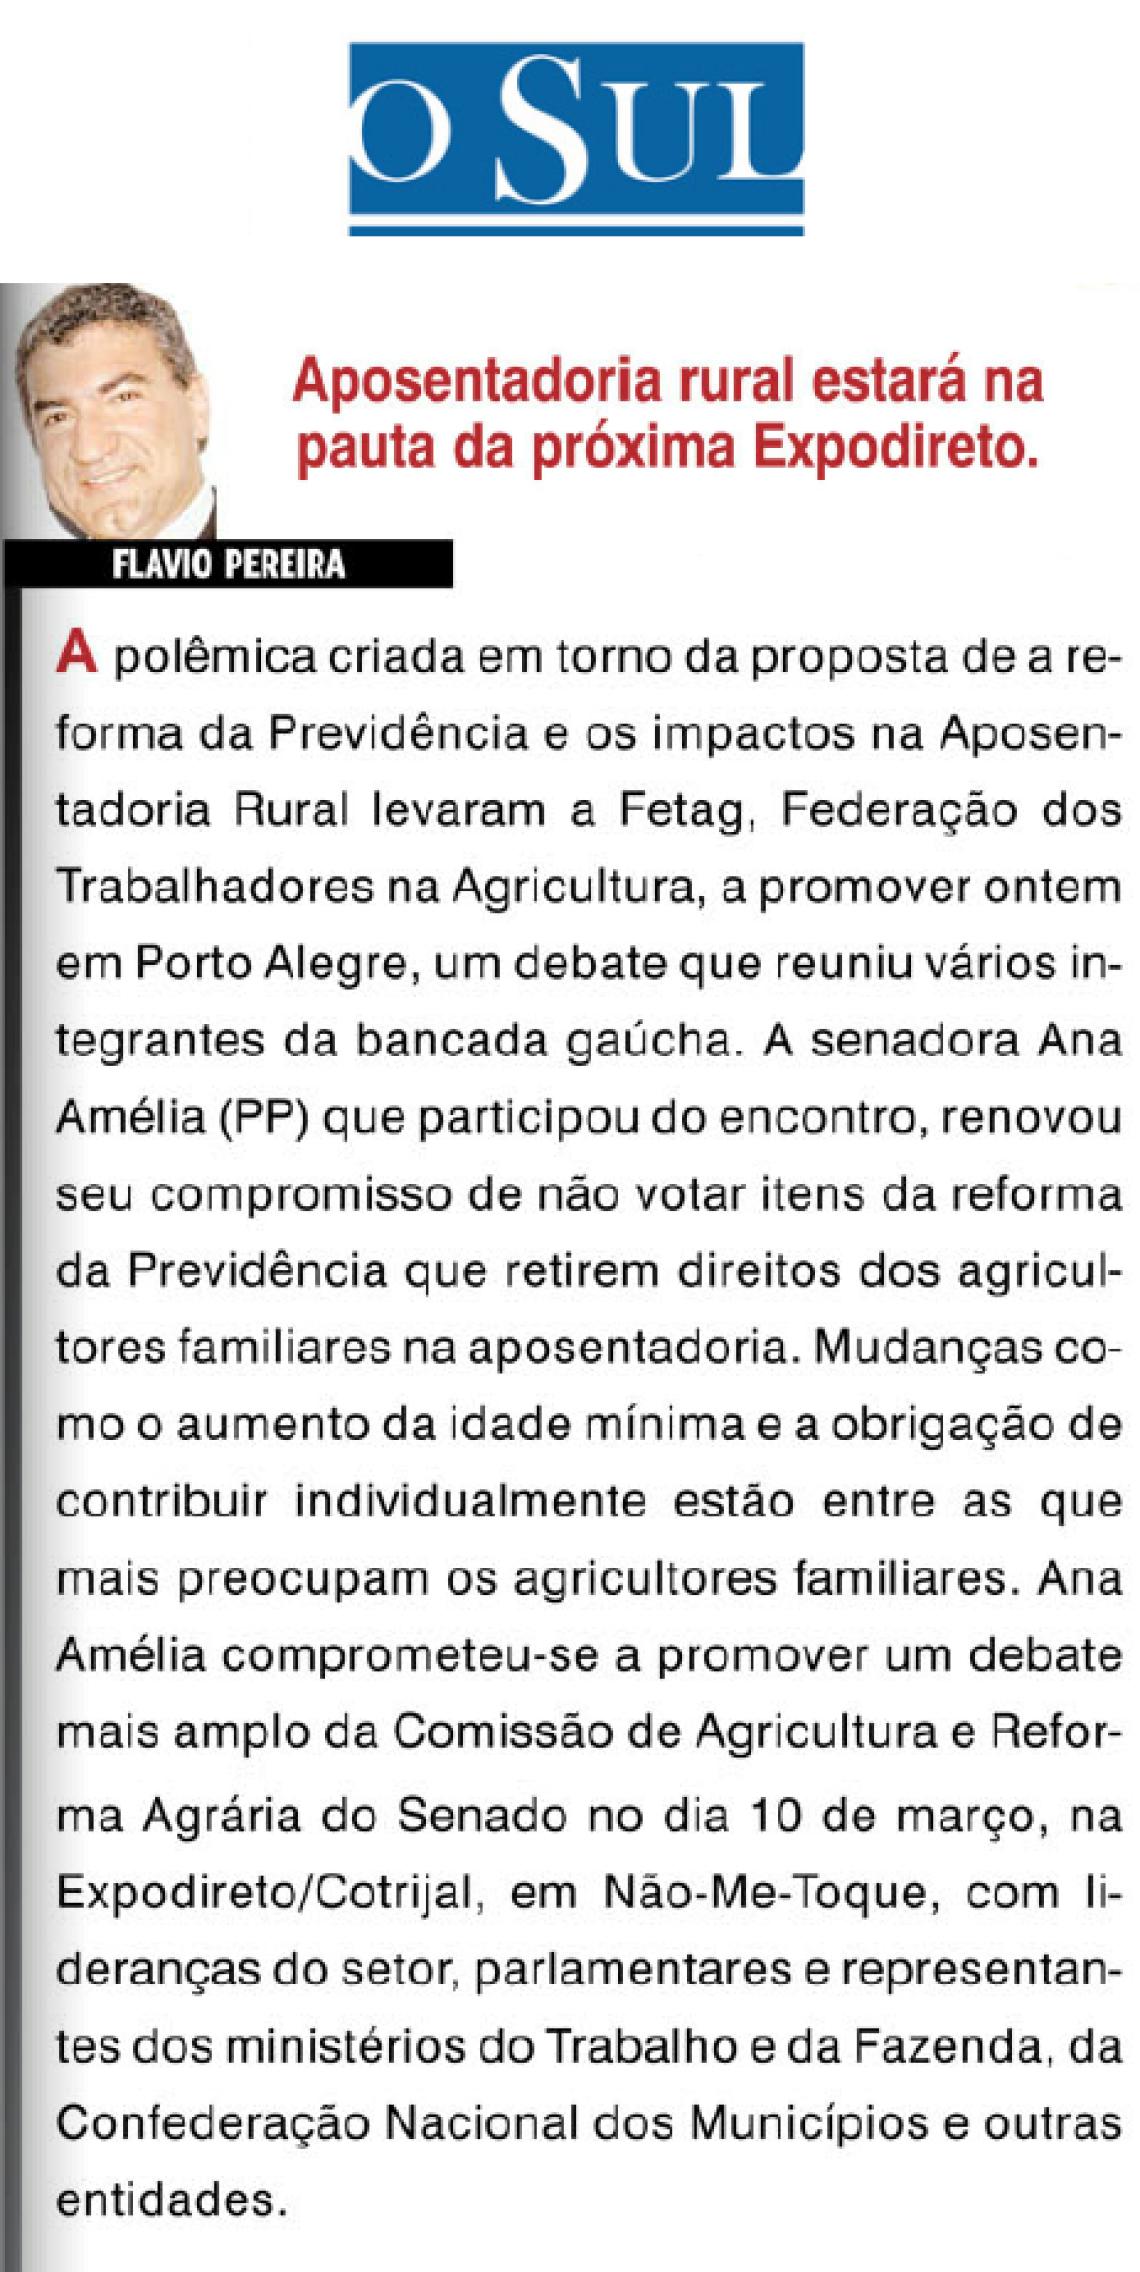 O Sul: Flavio Pereira - Aposentadoria estará na pauta da próxima Expodireto